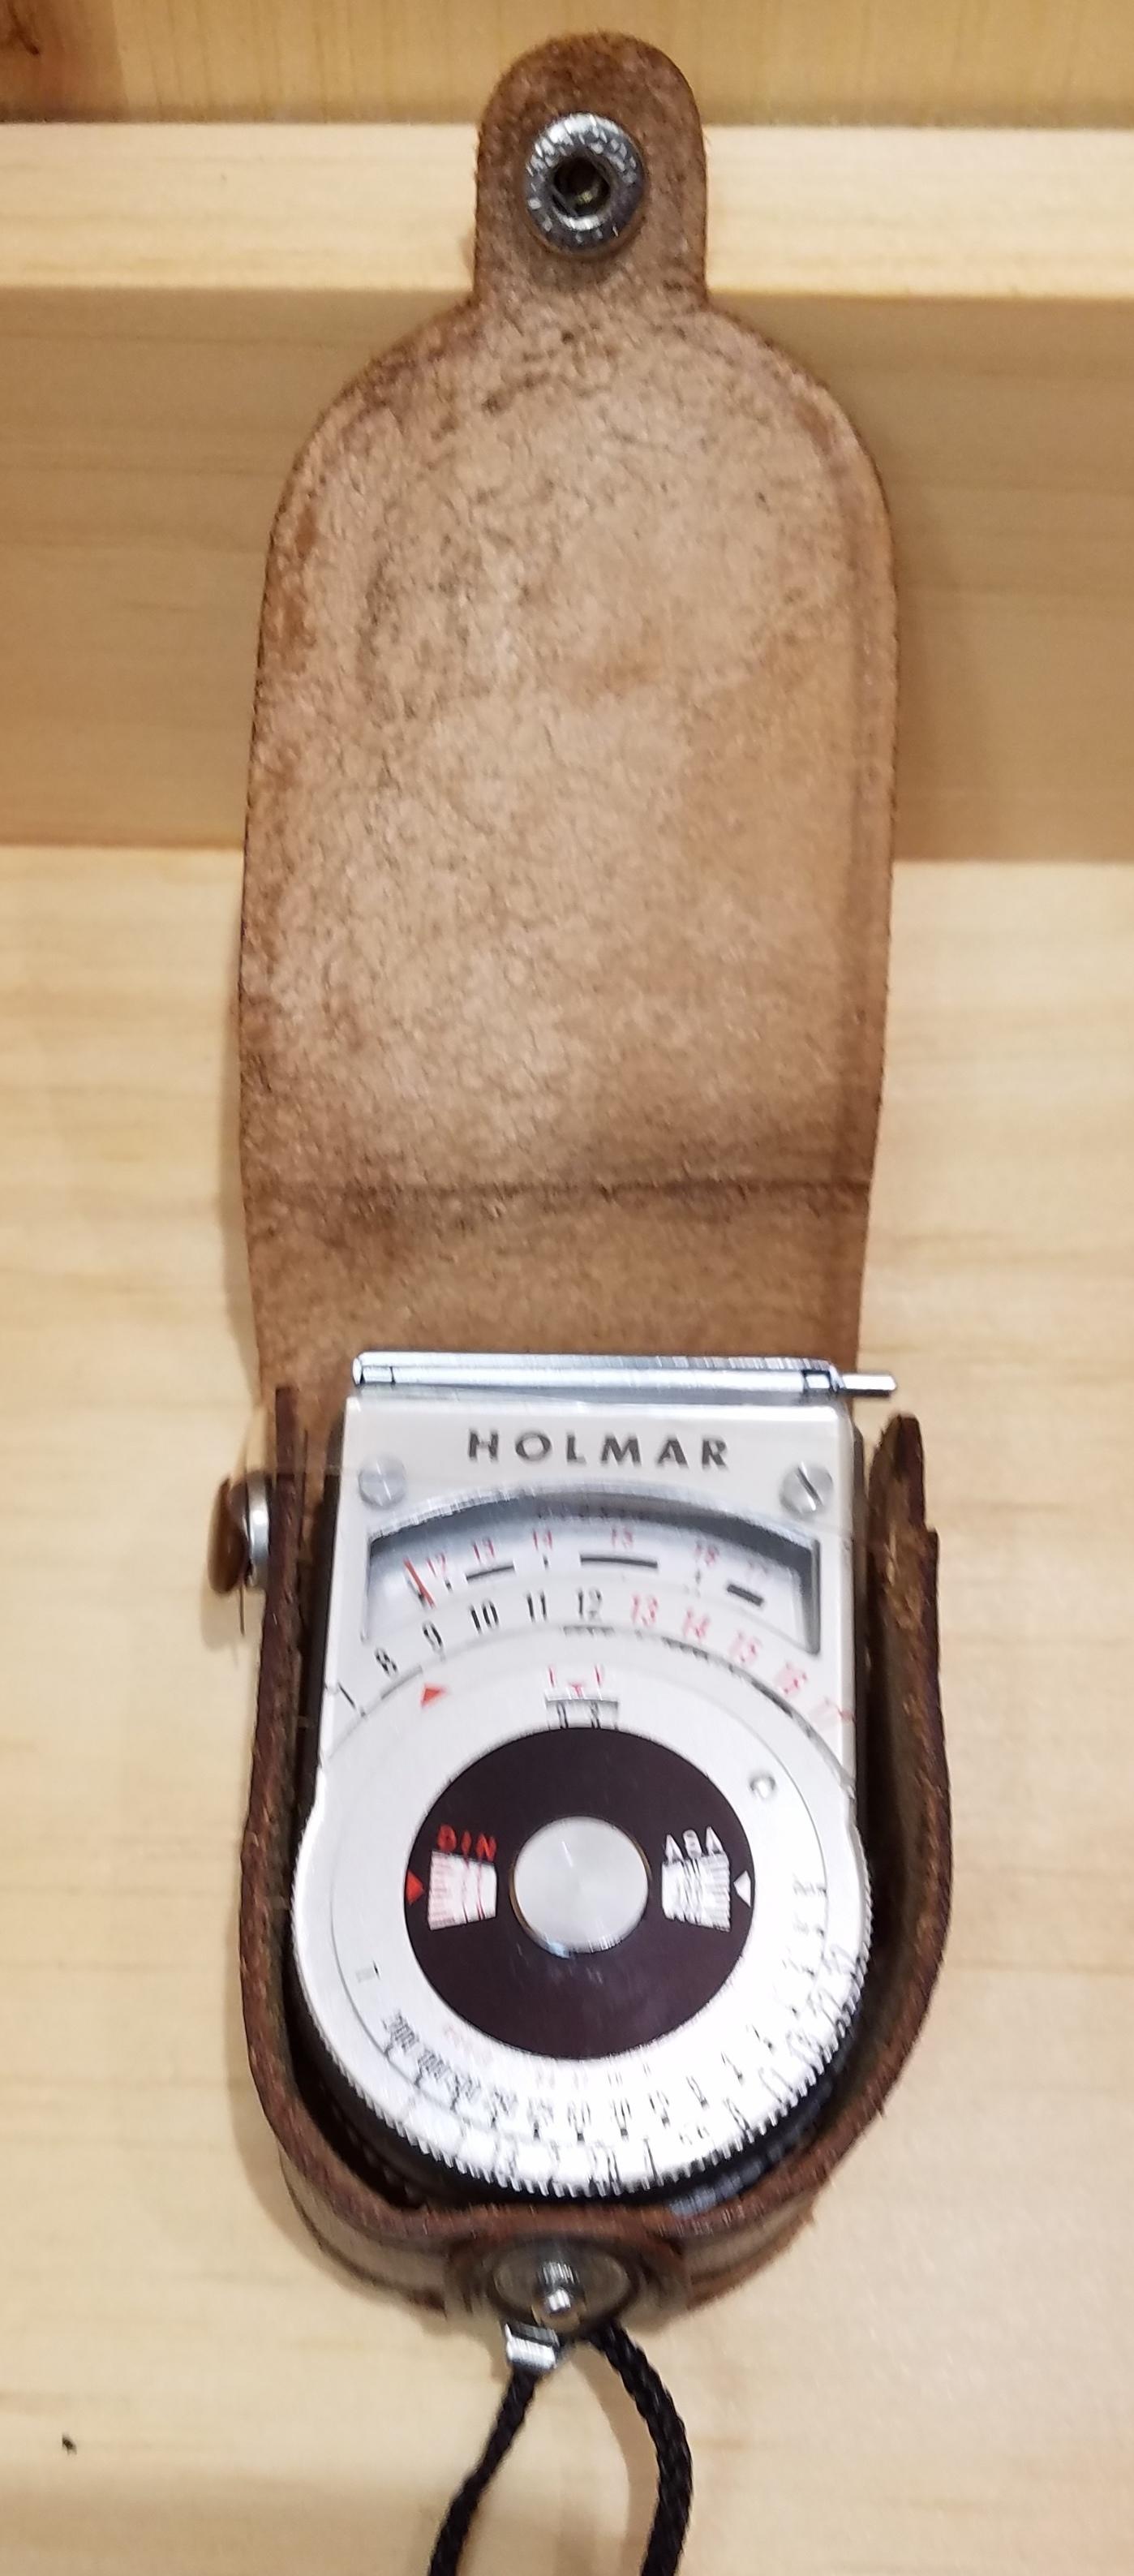 HOLMAR  CA 411  LIGHT METER CAMERA EQUIPMENT